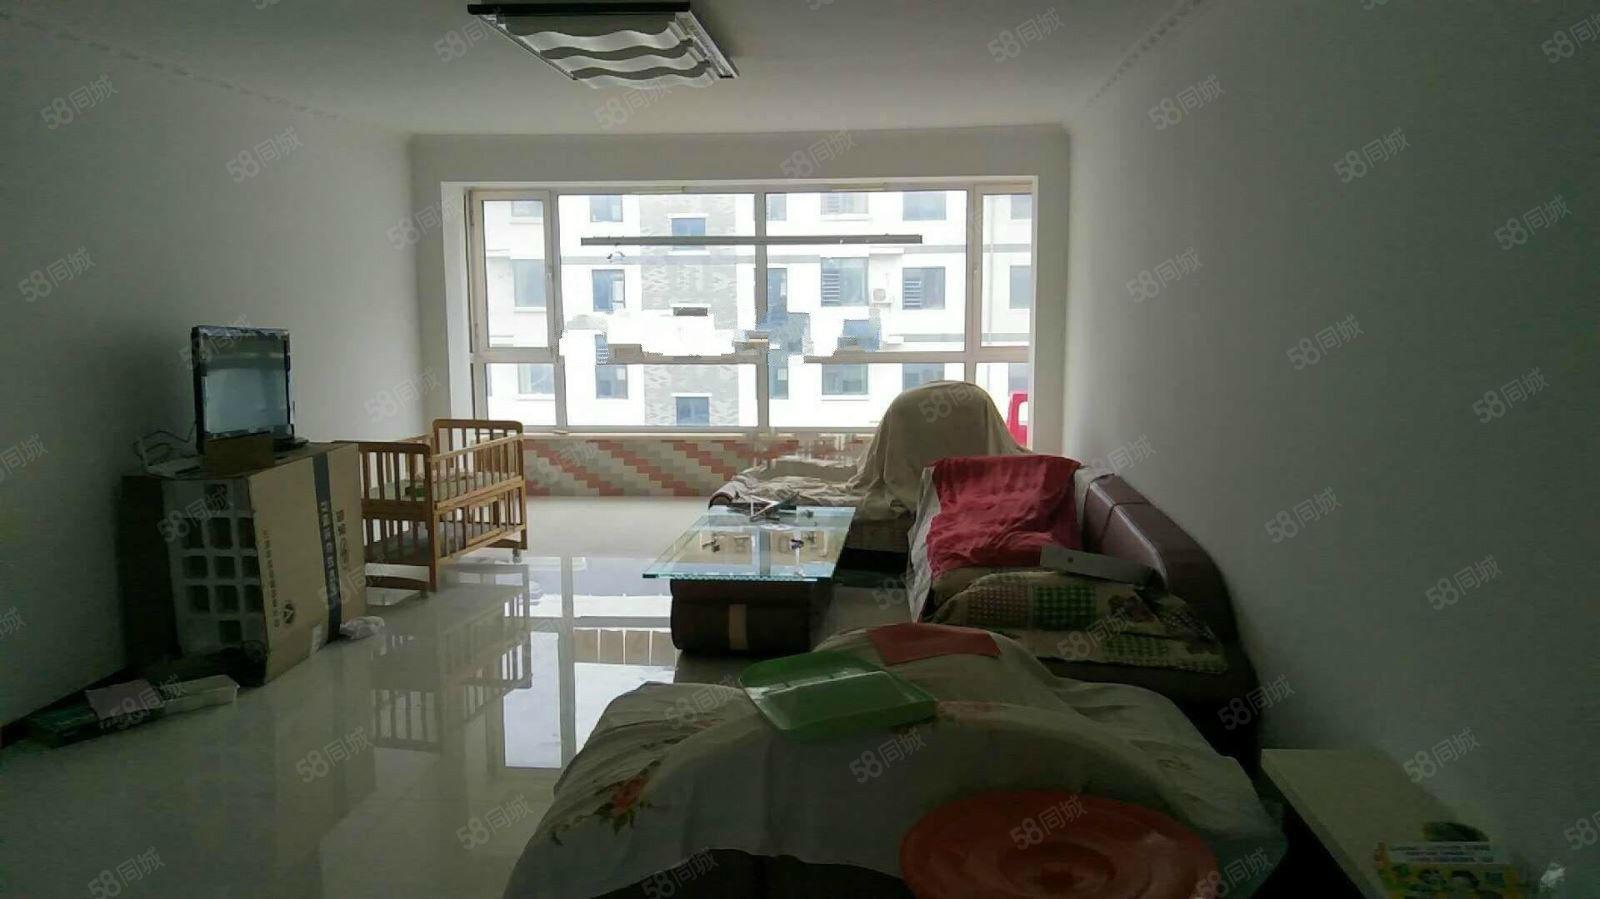 水木清华3室2厅2卫家具家电齐全,年租1.8万拎包住